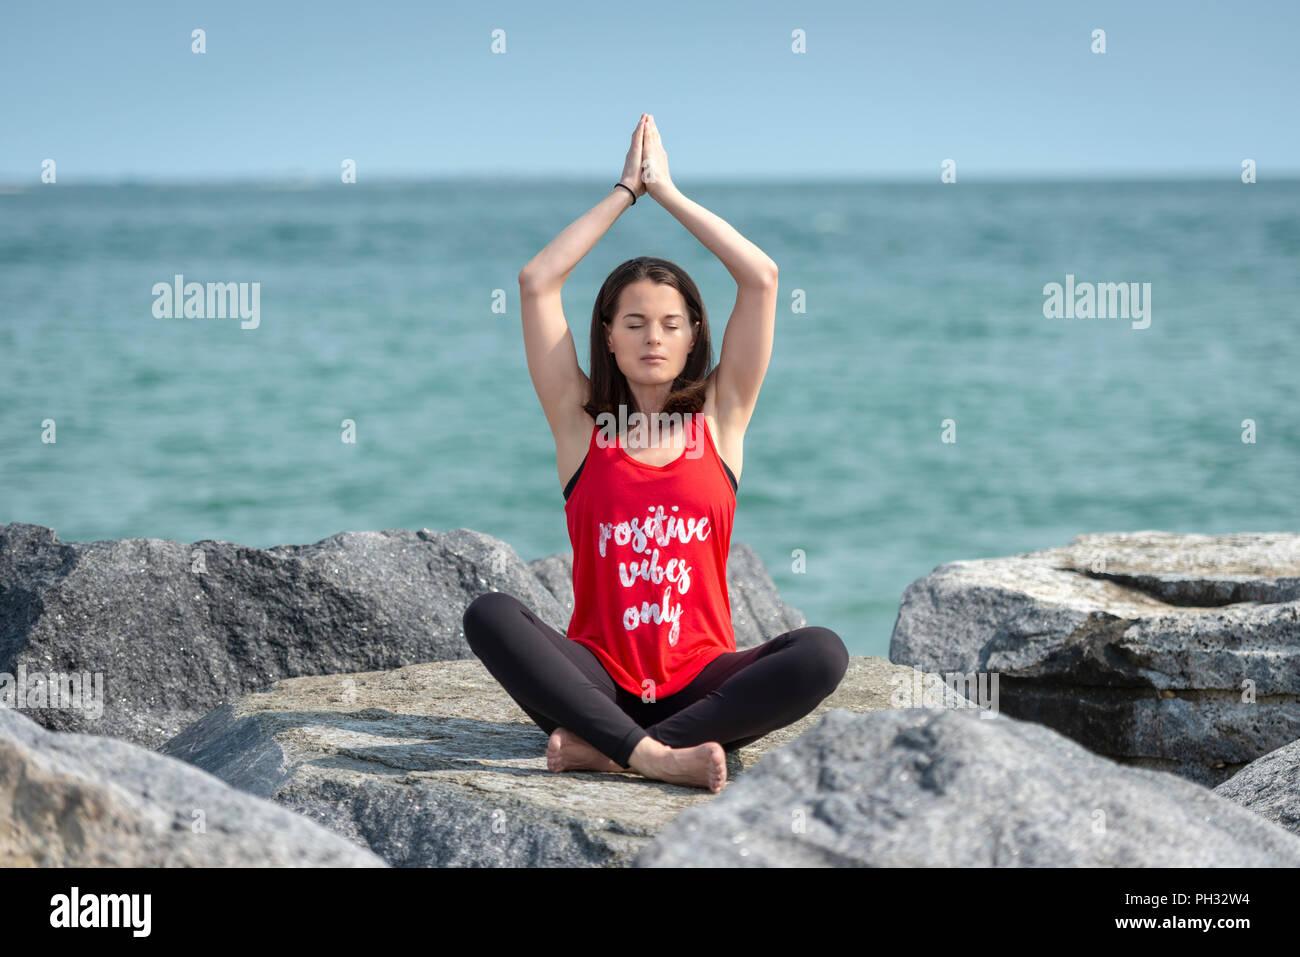 """Frau sitzt gekreuzten Beinen auf Felsen Üben Yoga, einfach darstellen, trägt ein T-Shirt mit """"positiven Vibes nur' Slogan. Stockbild"""